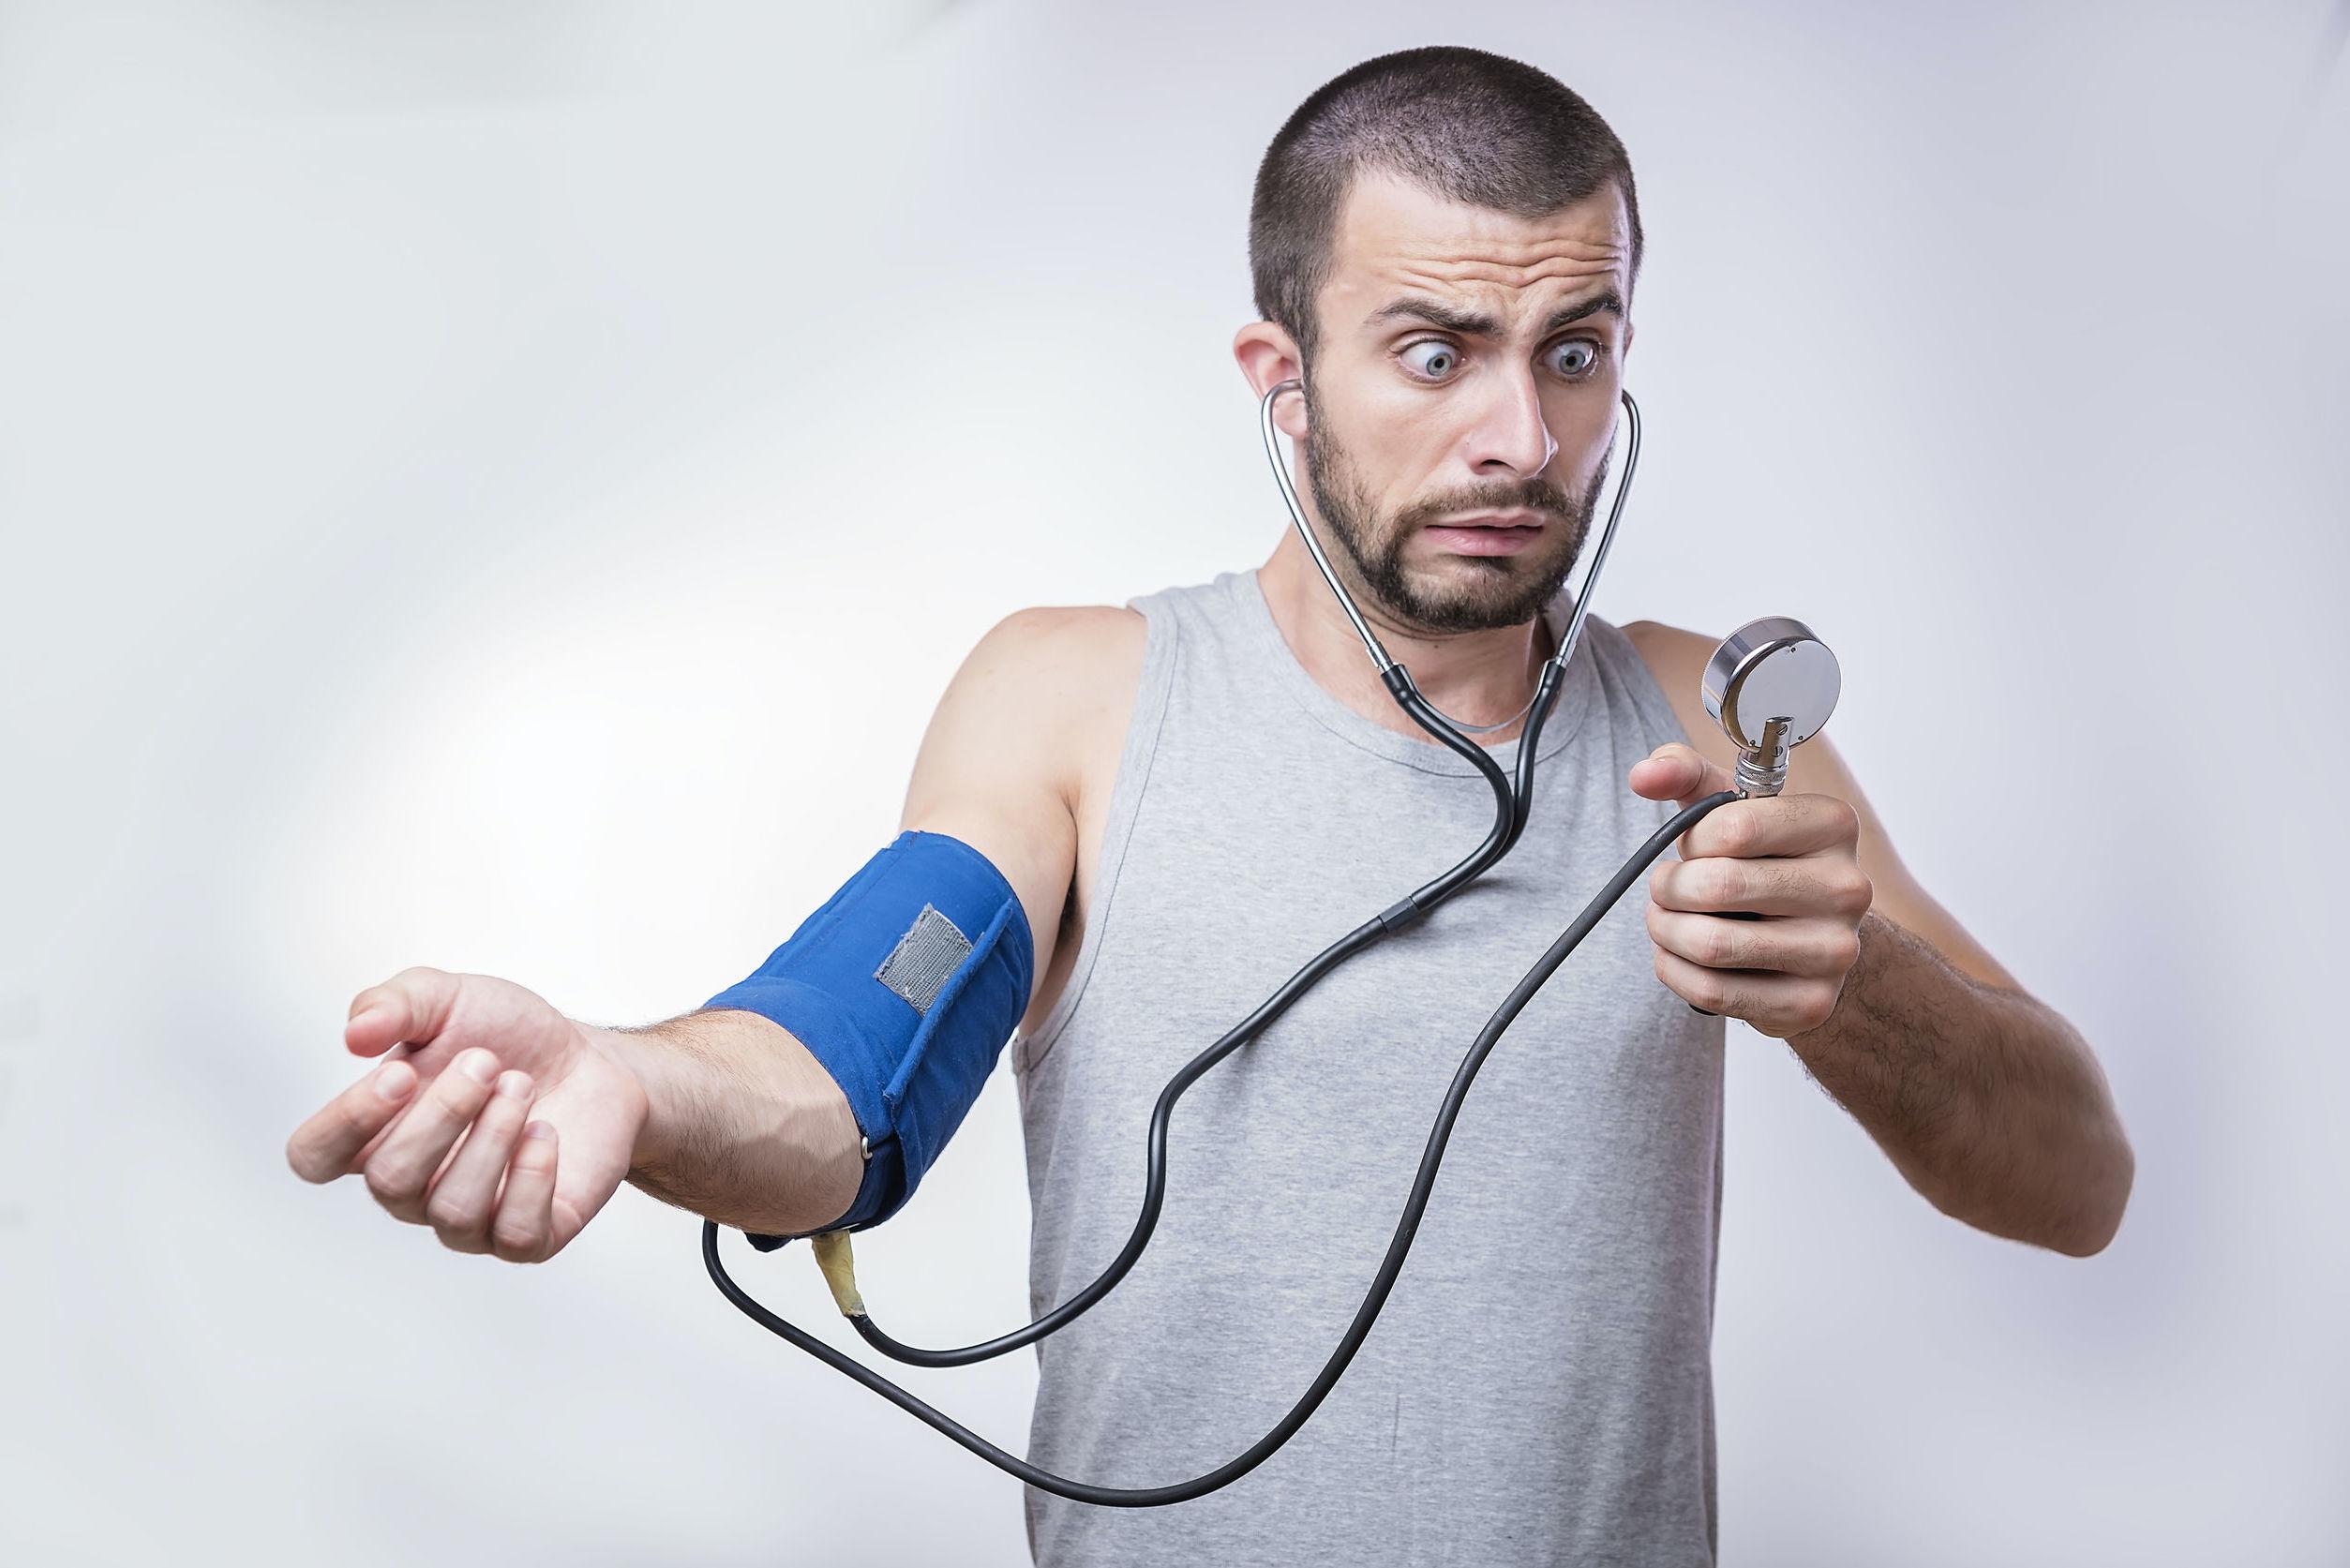 népi gyógymód a magas vérnyomás ellen örökre